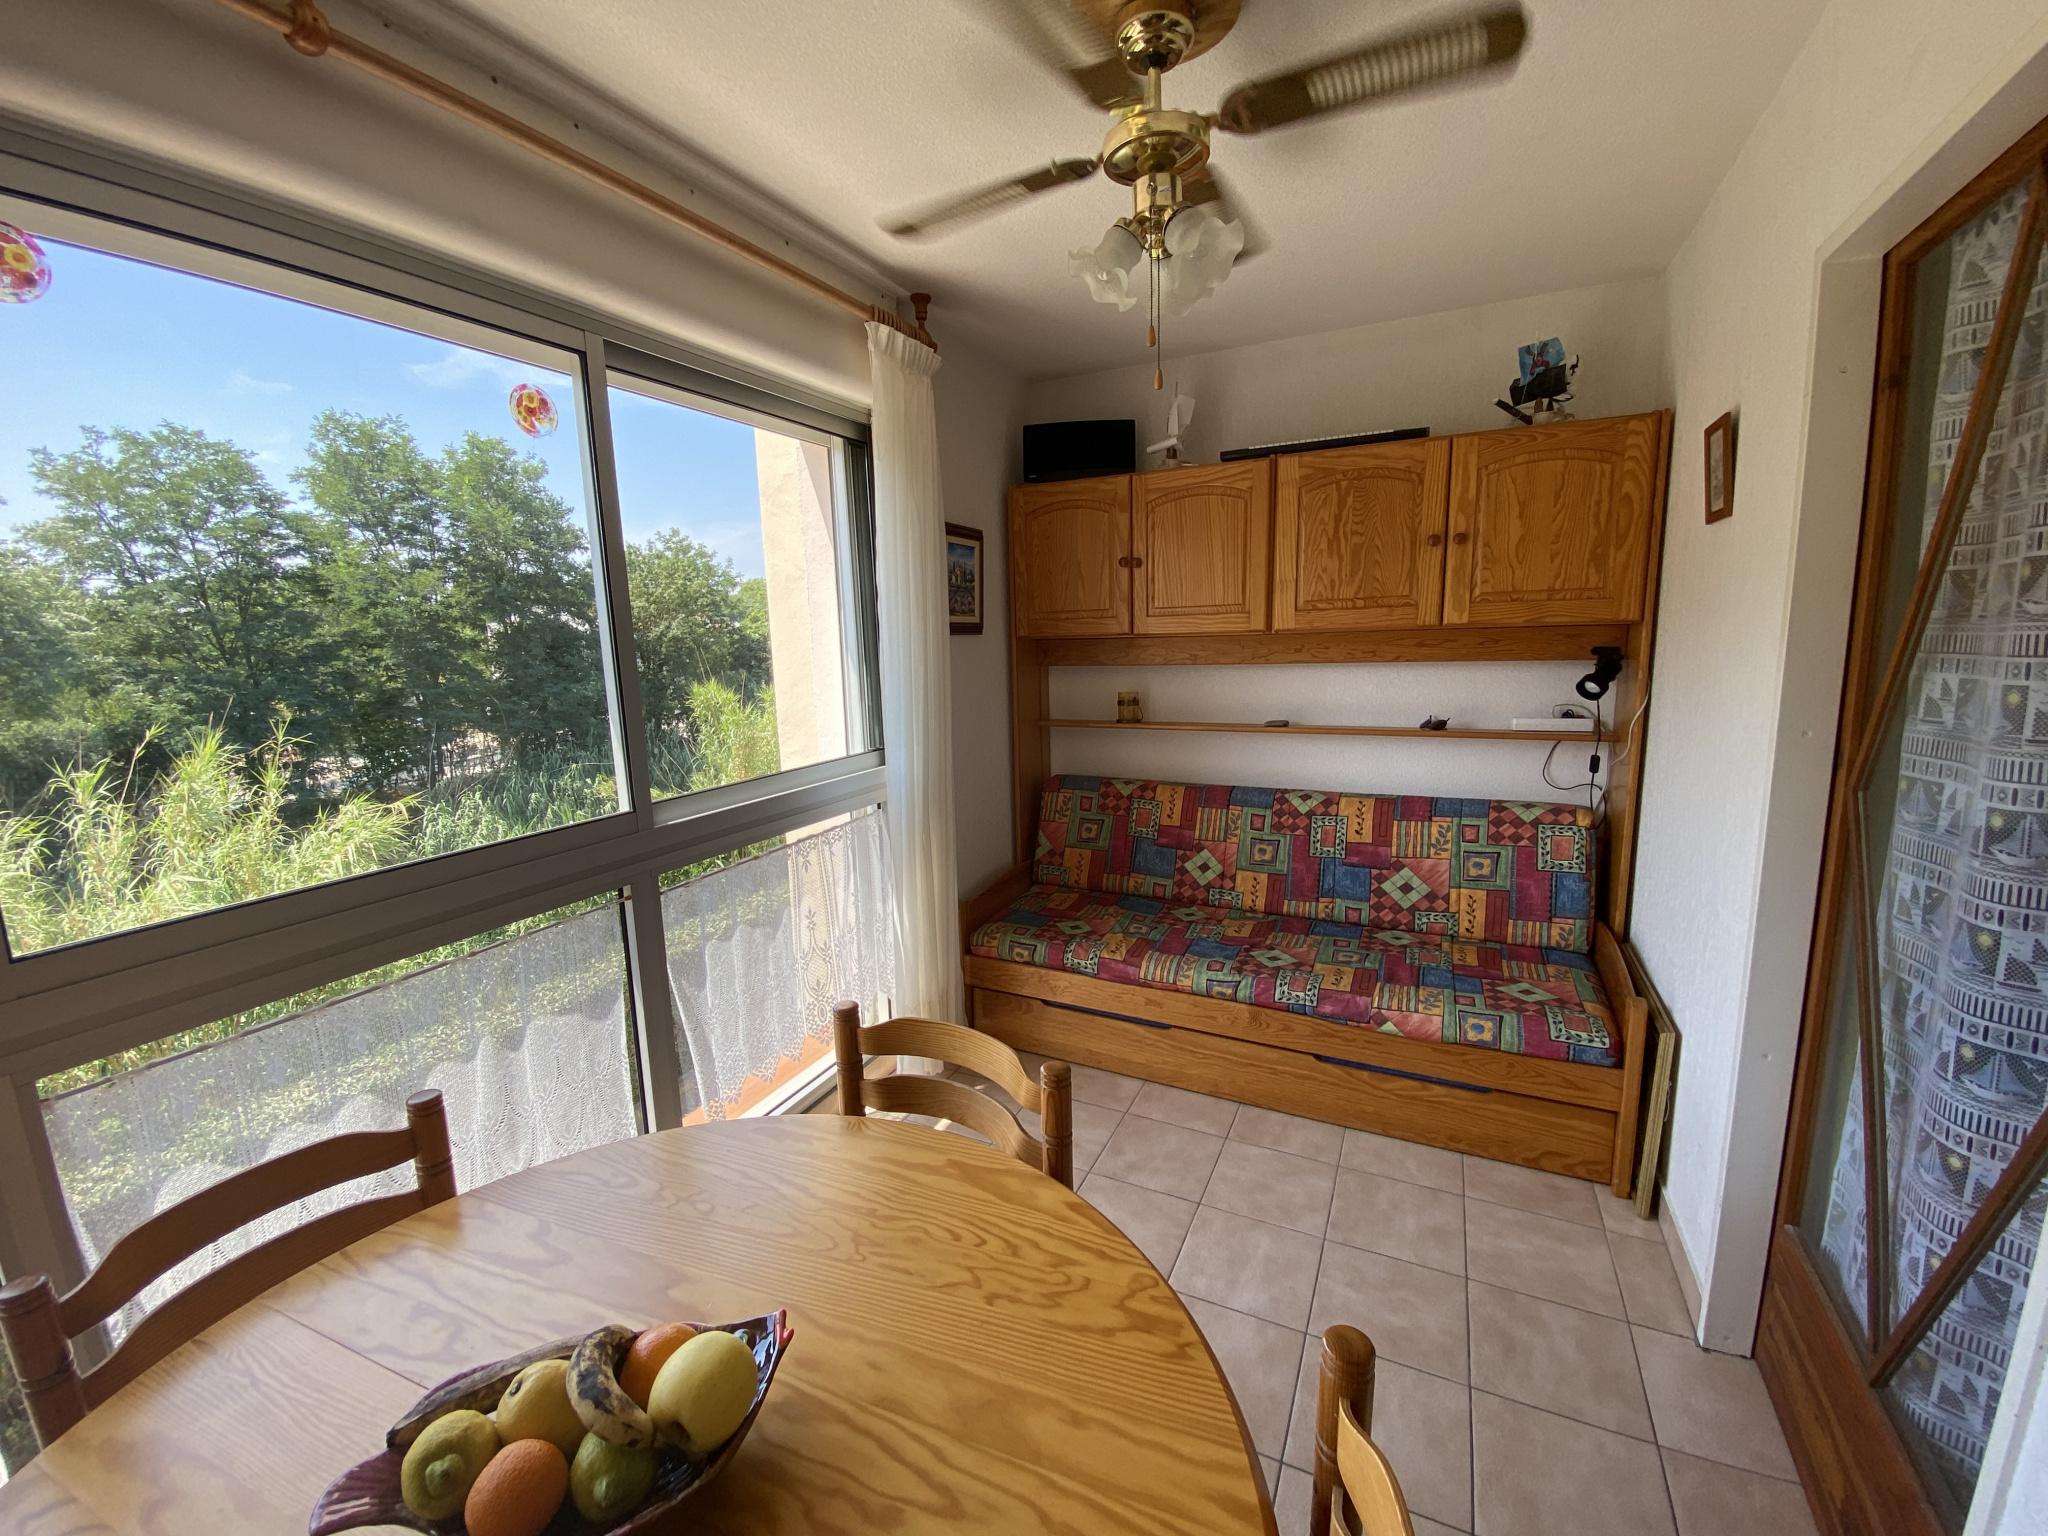 À vendre appartement de 34m2 à argeles sur mer (66700) - Photo 8'